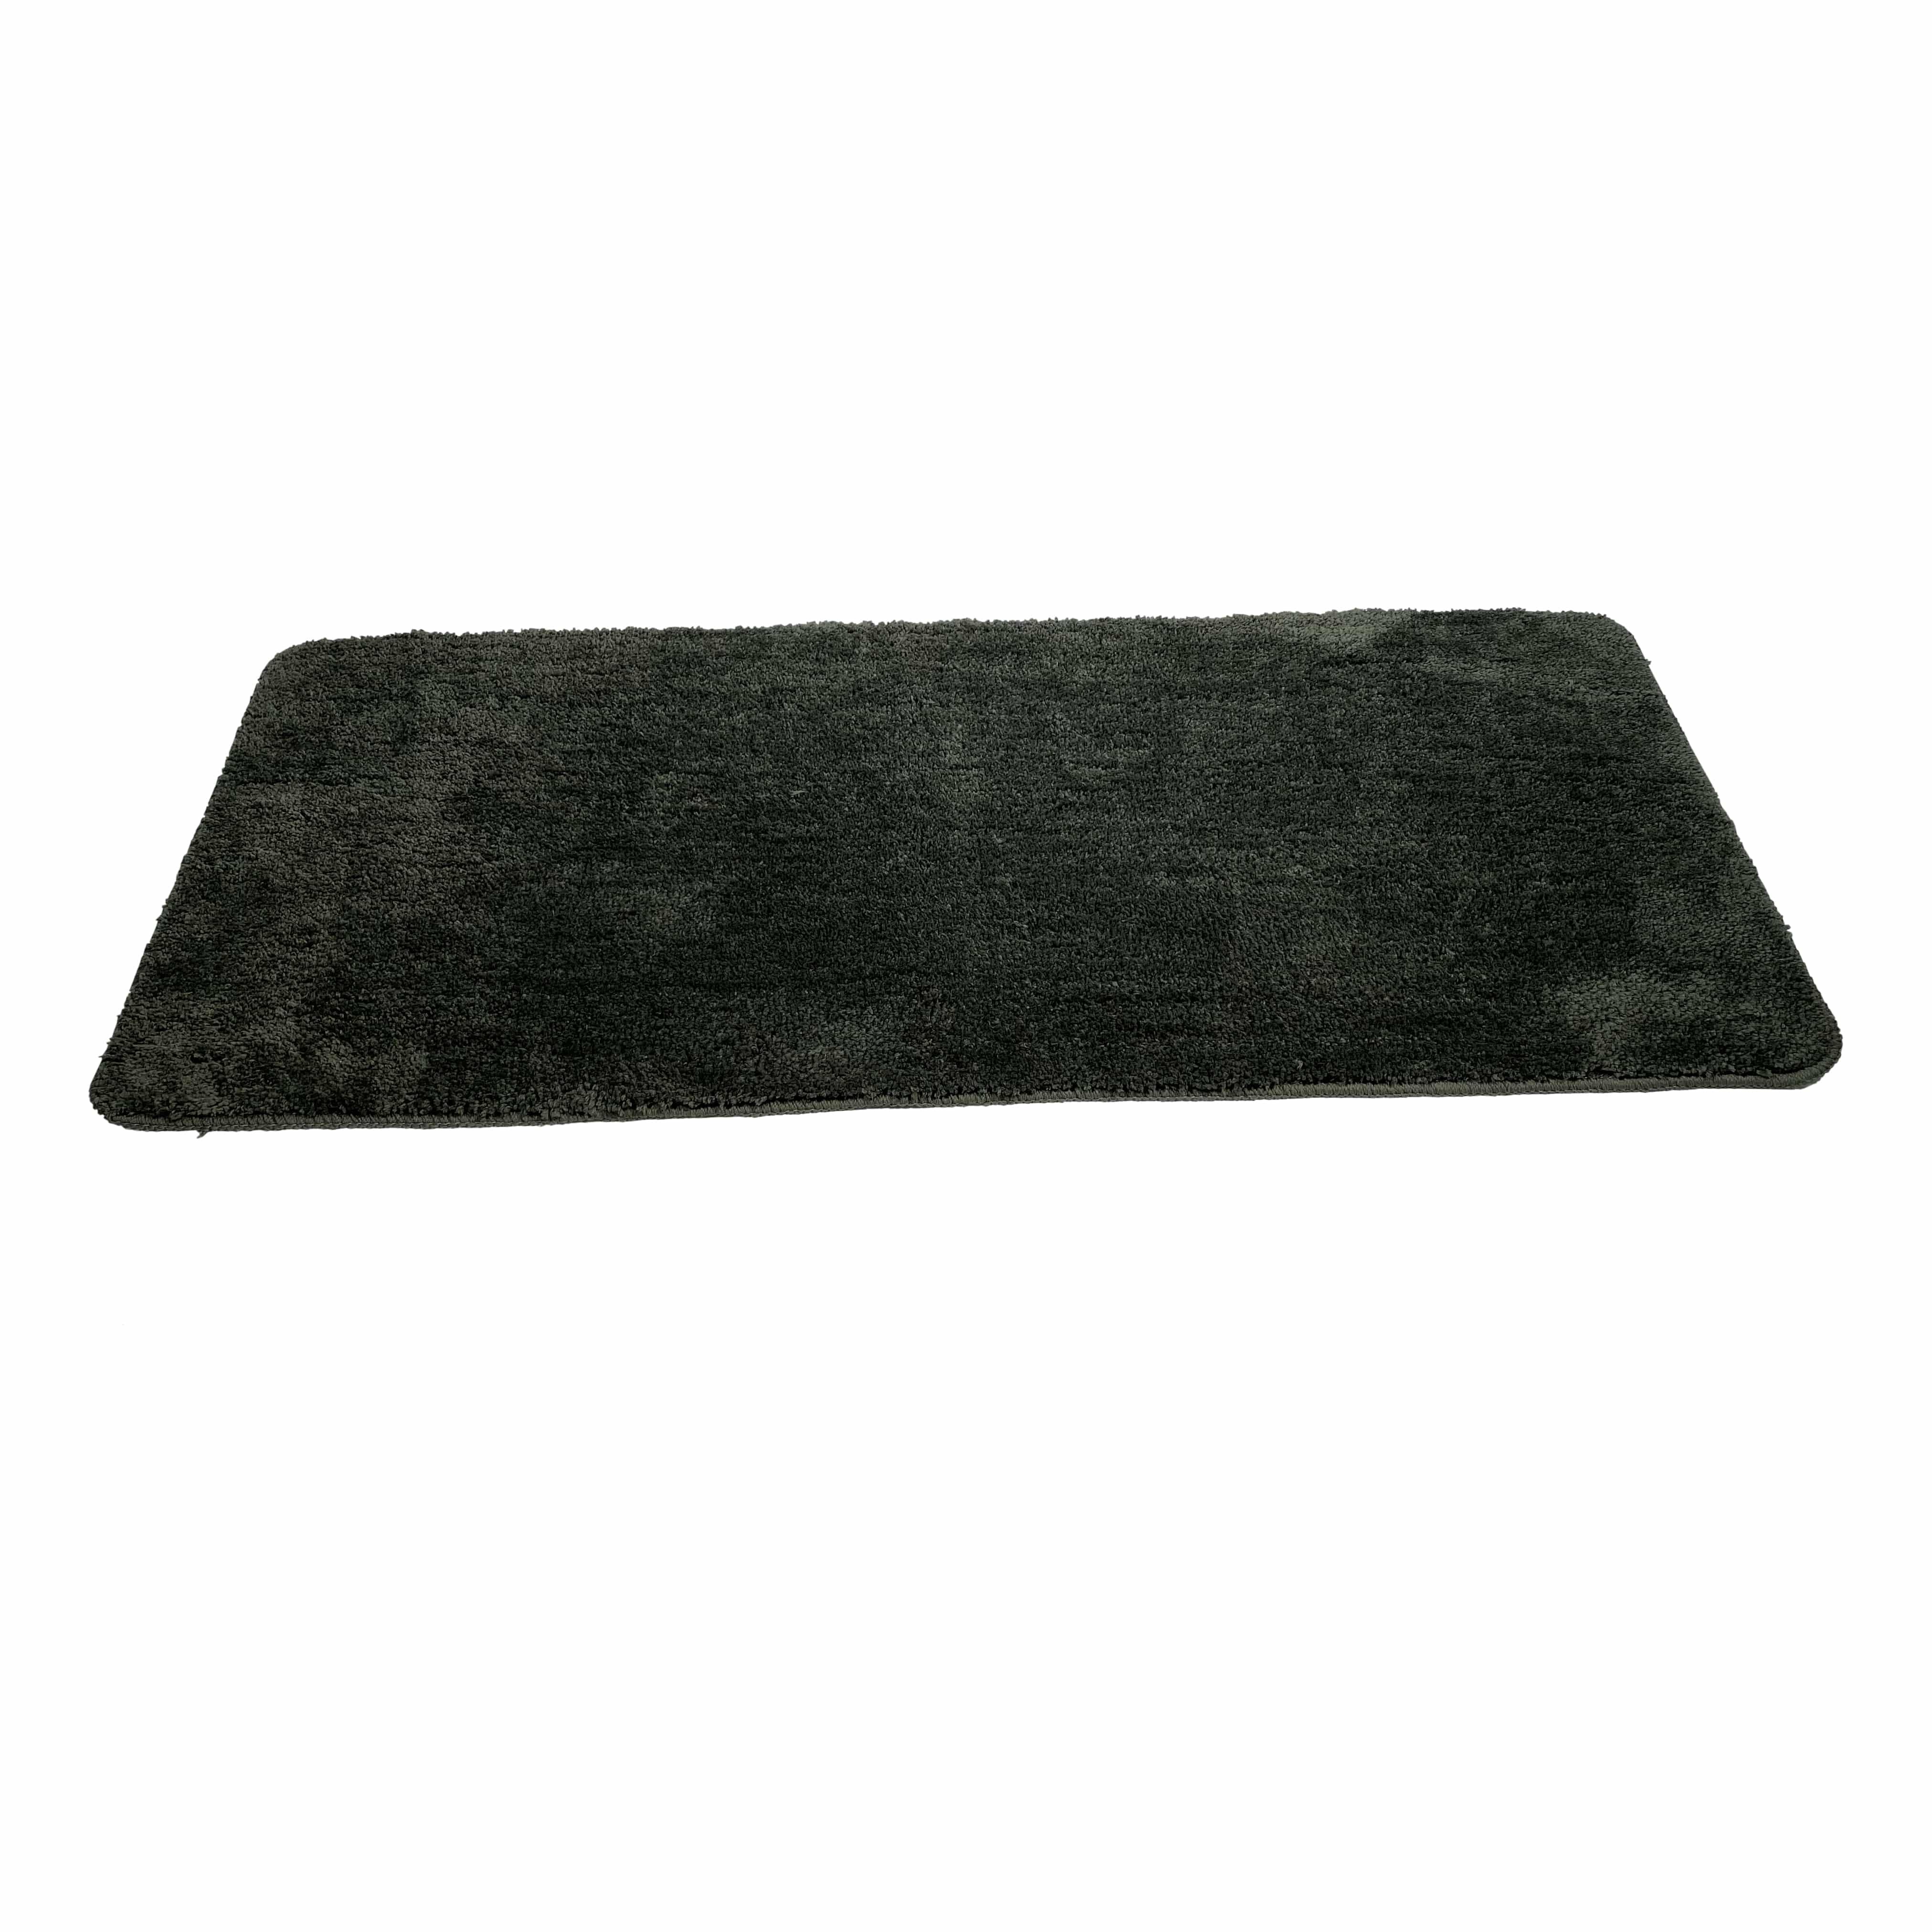 4goodz Anti-slip Douchemat voor dubbele wasbak 120x50 cm - Olijfgroen